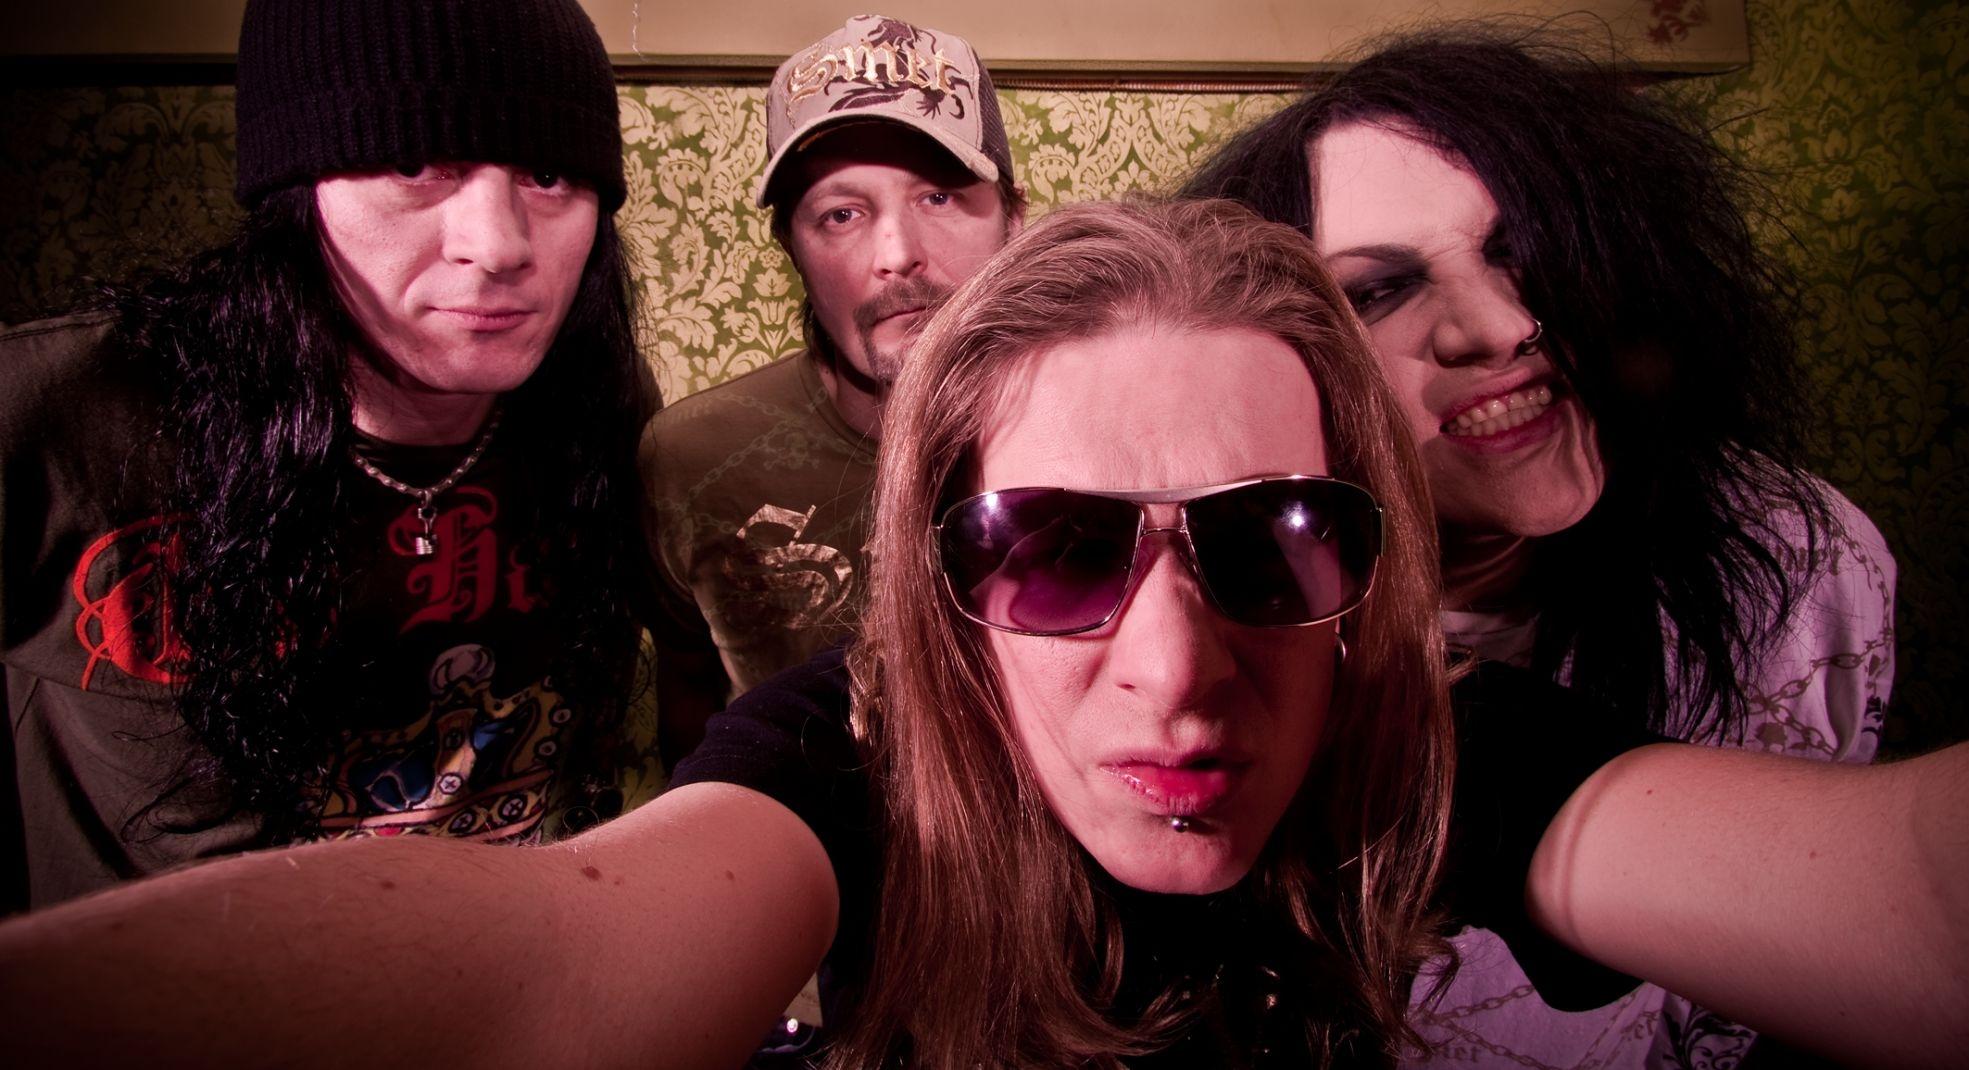 Junkies band